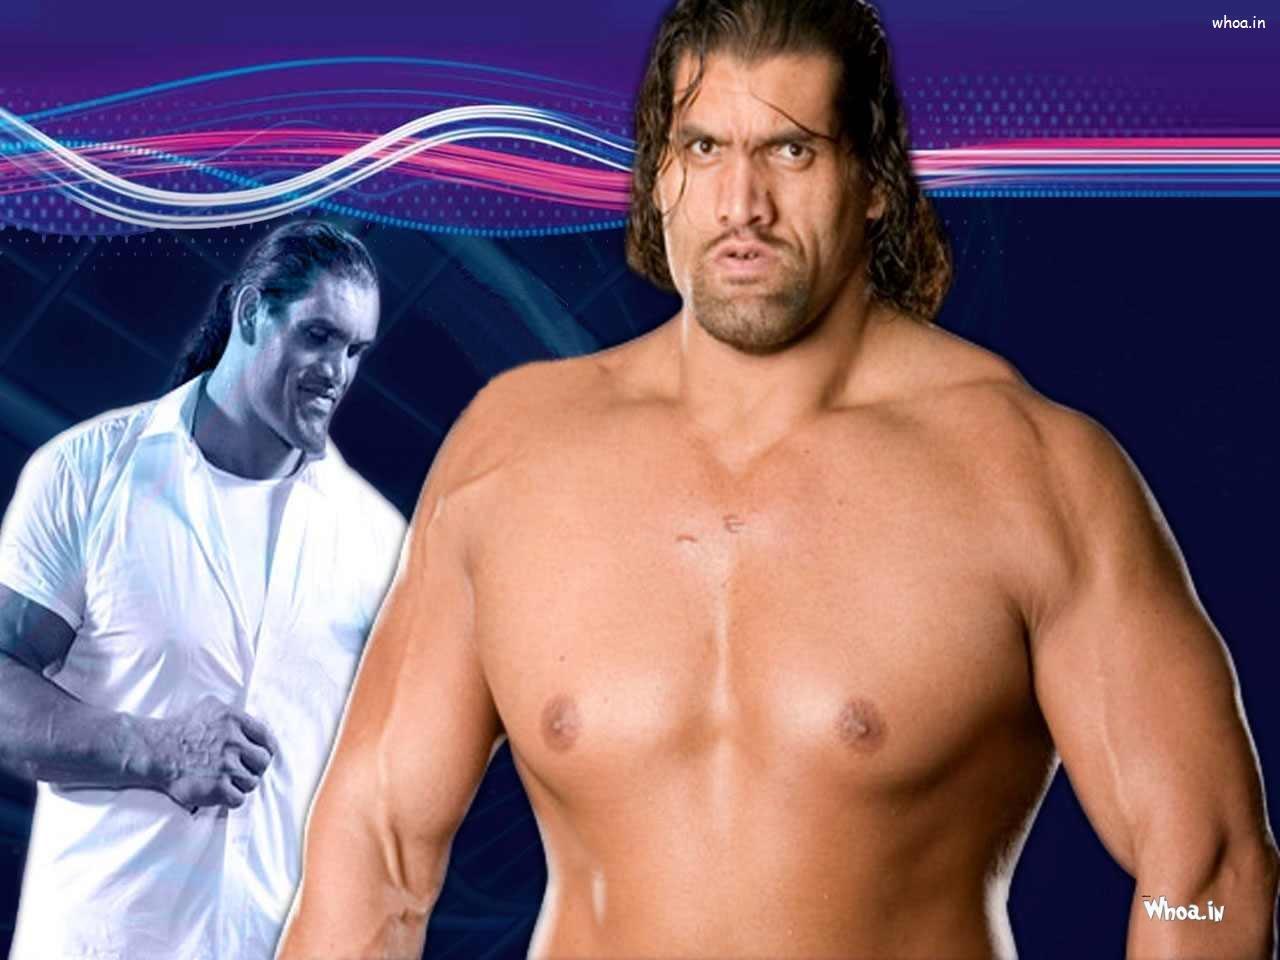 WWE wrestler Khali joins unlu